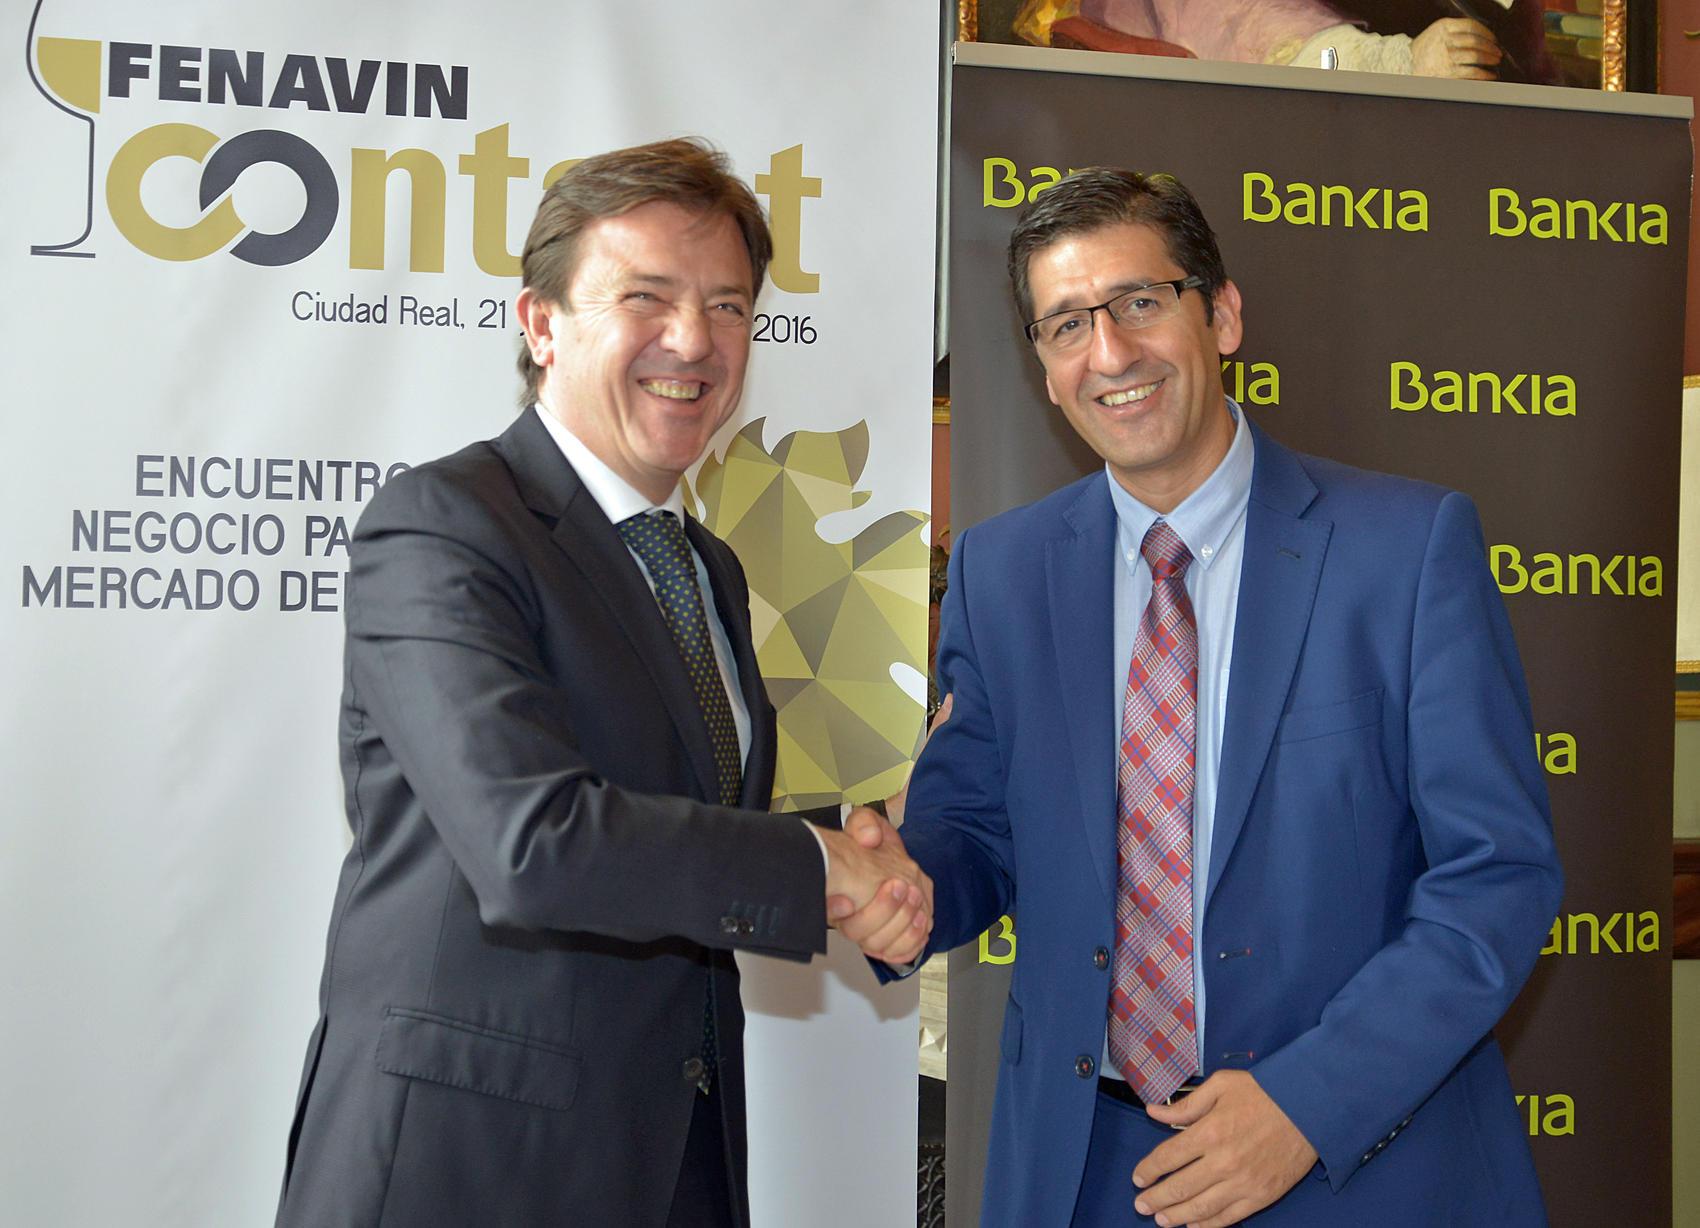 Bankia aporta 15.000 euros a la organización del encuentro de negocio FENAVIN CONTACT